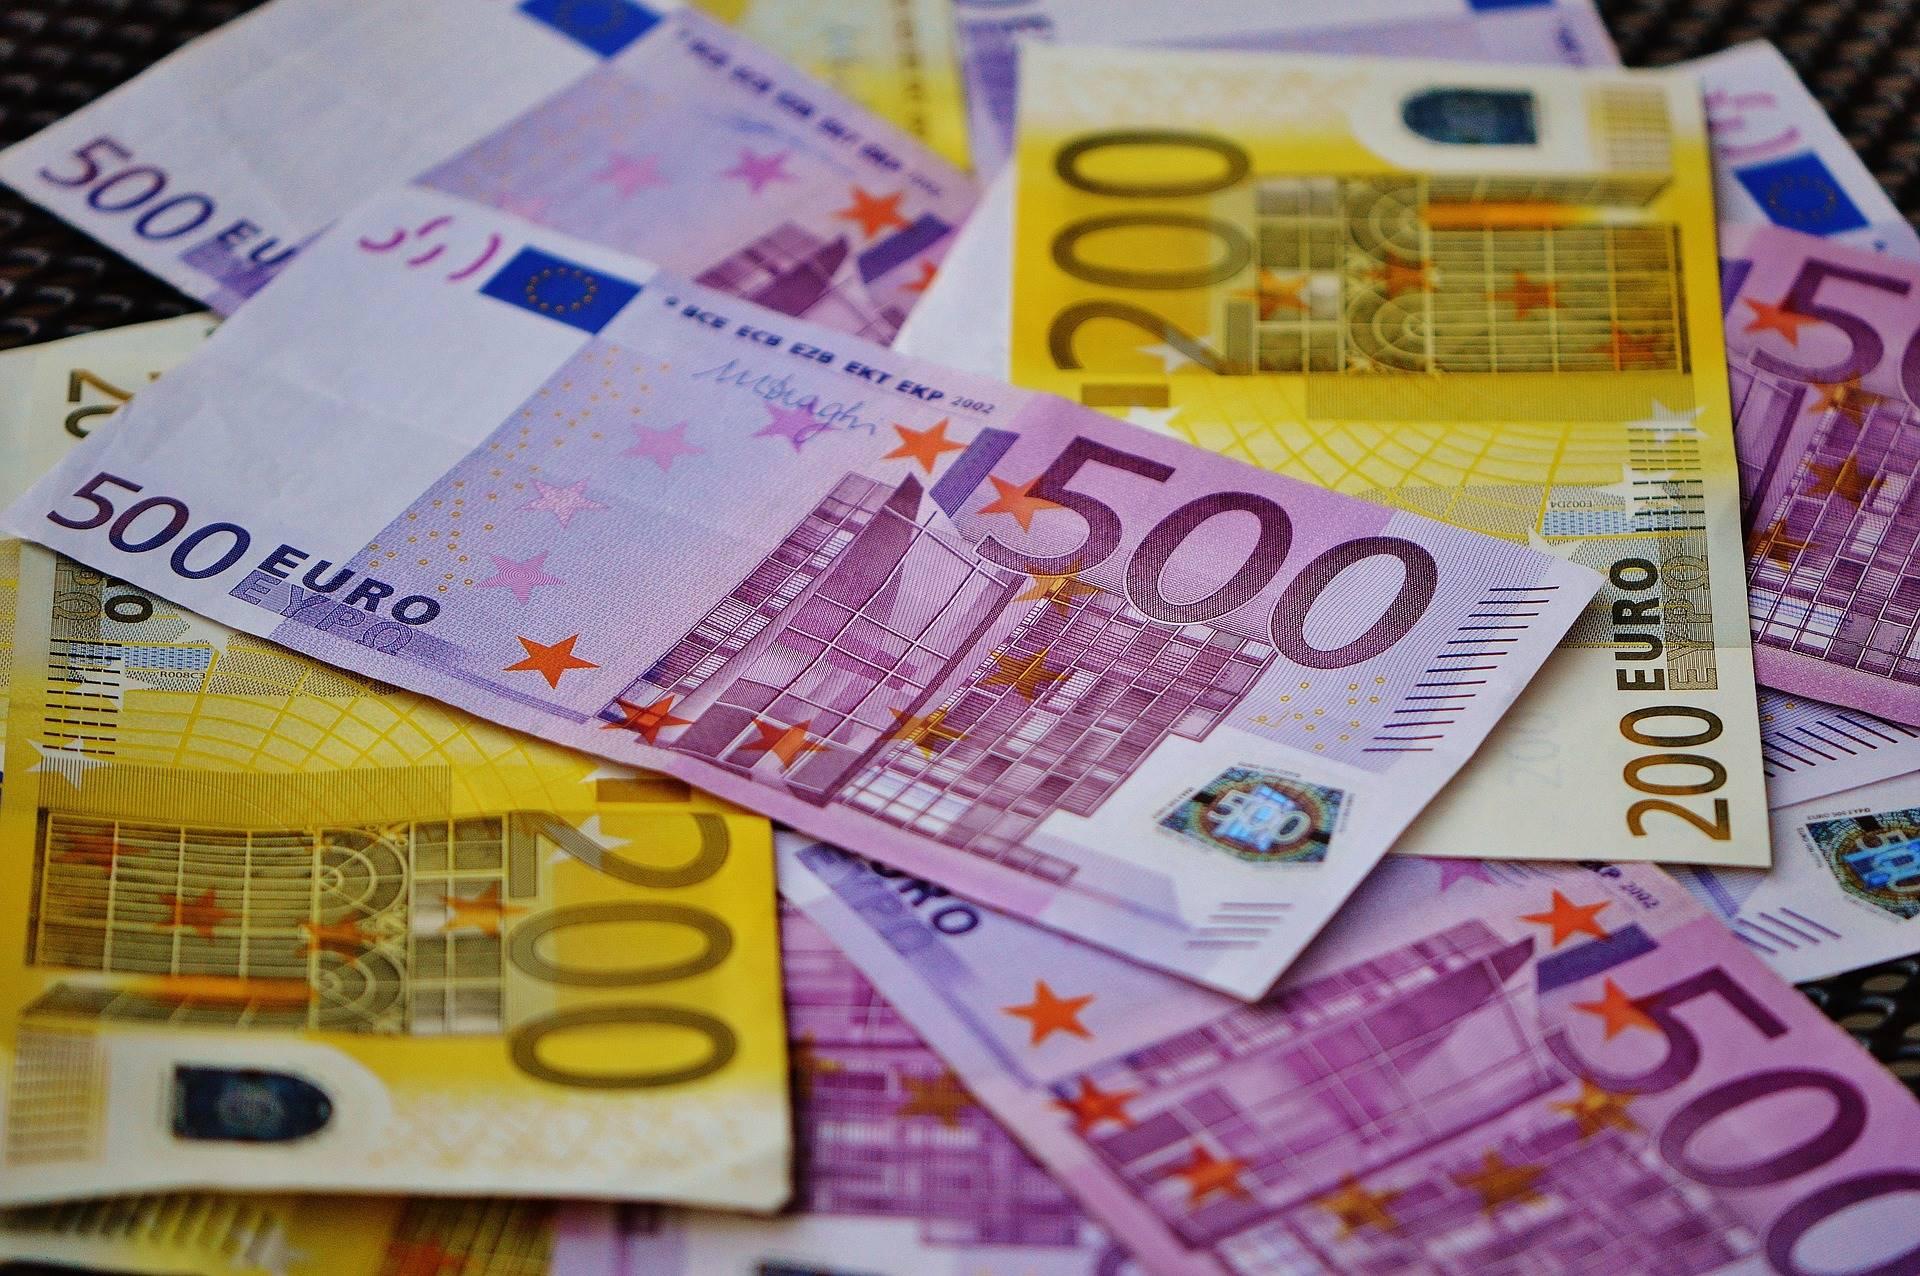 Kabinet trekt 4 miljoen euro uit voor culturele vernieuwing in de regio